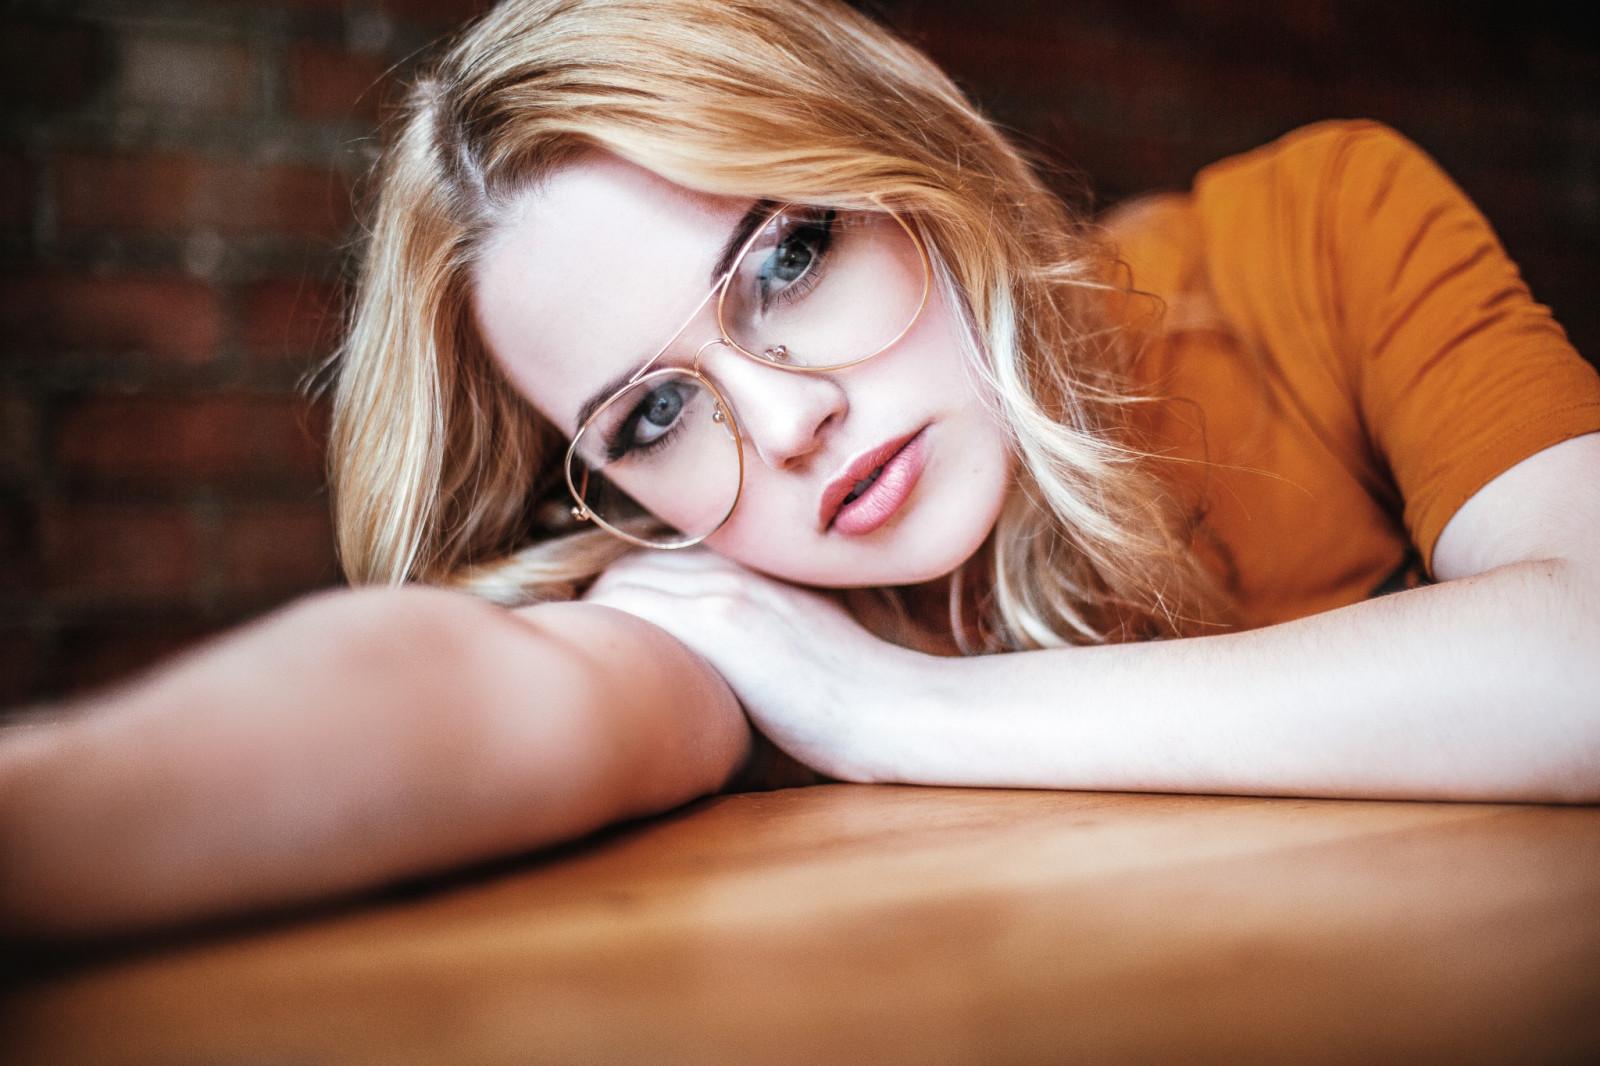 приятная в очках - 3